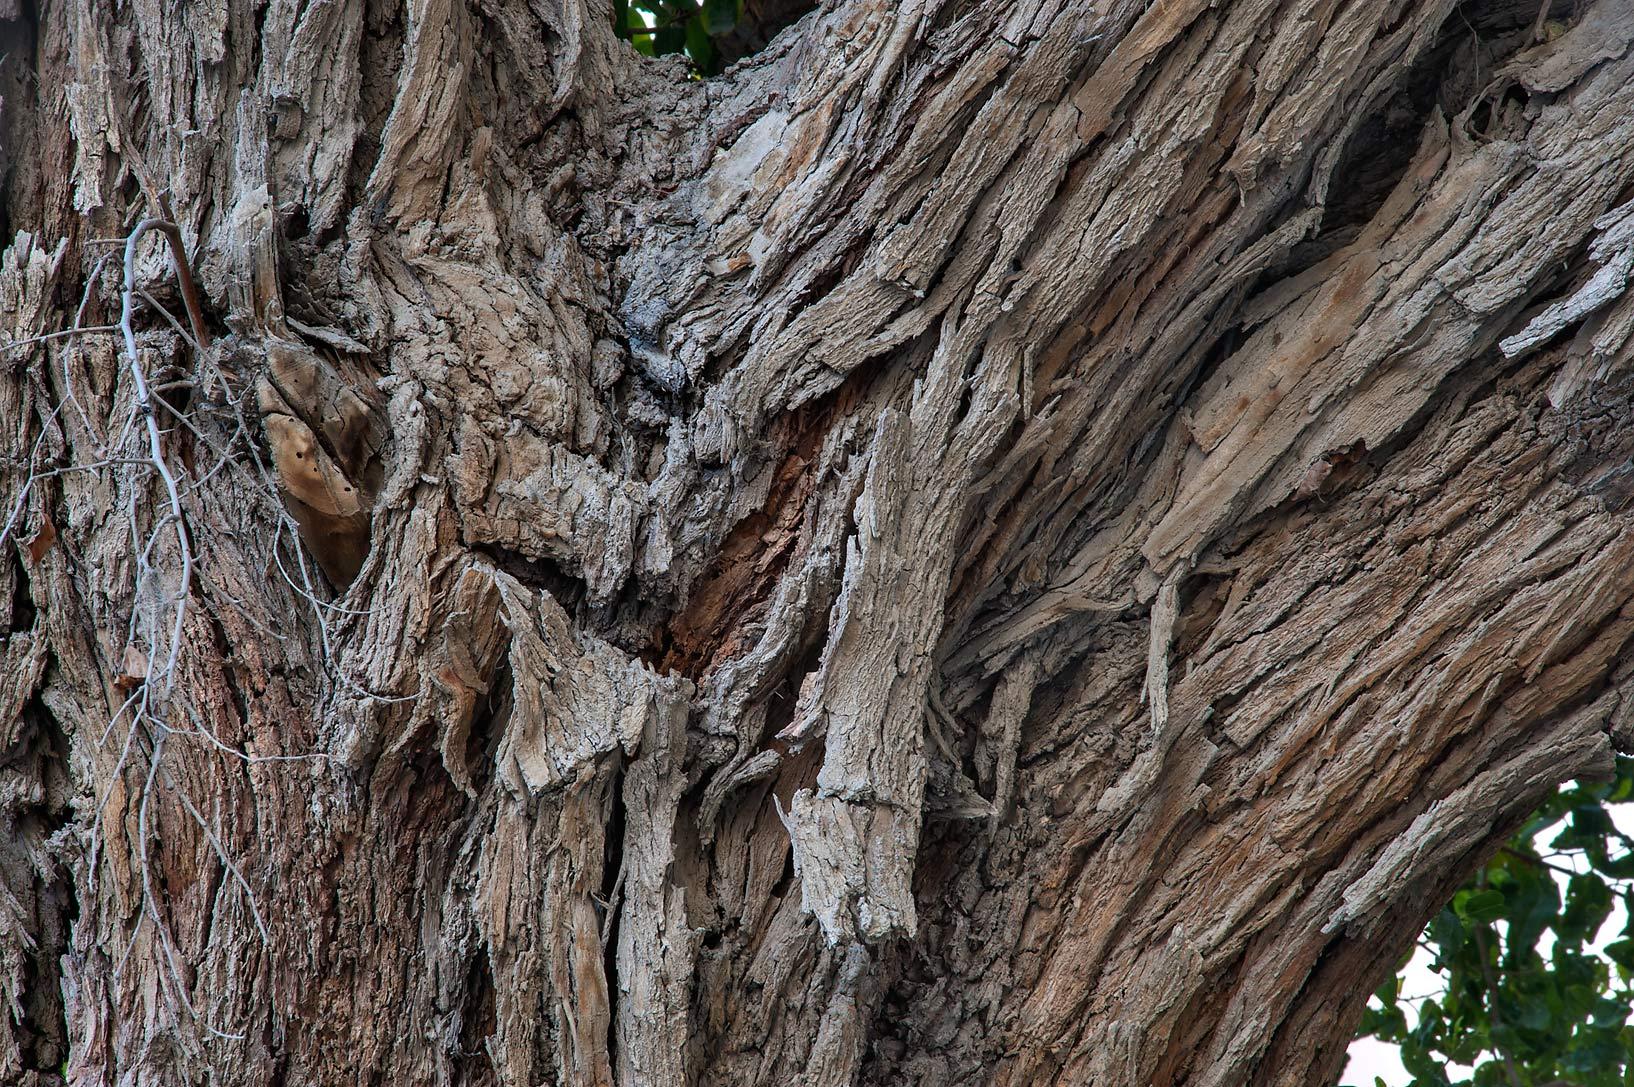 Photo 1379 15 Bark Of Old Sidra Tree Ziziphus On Al